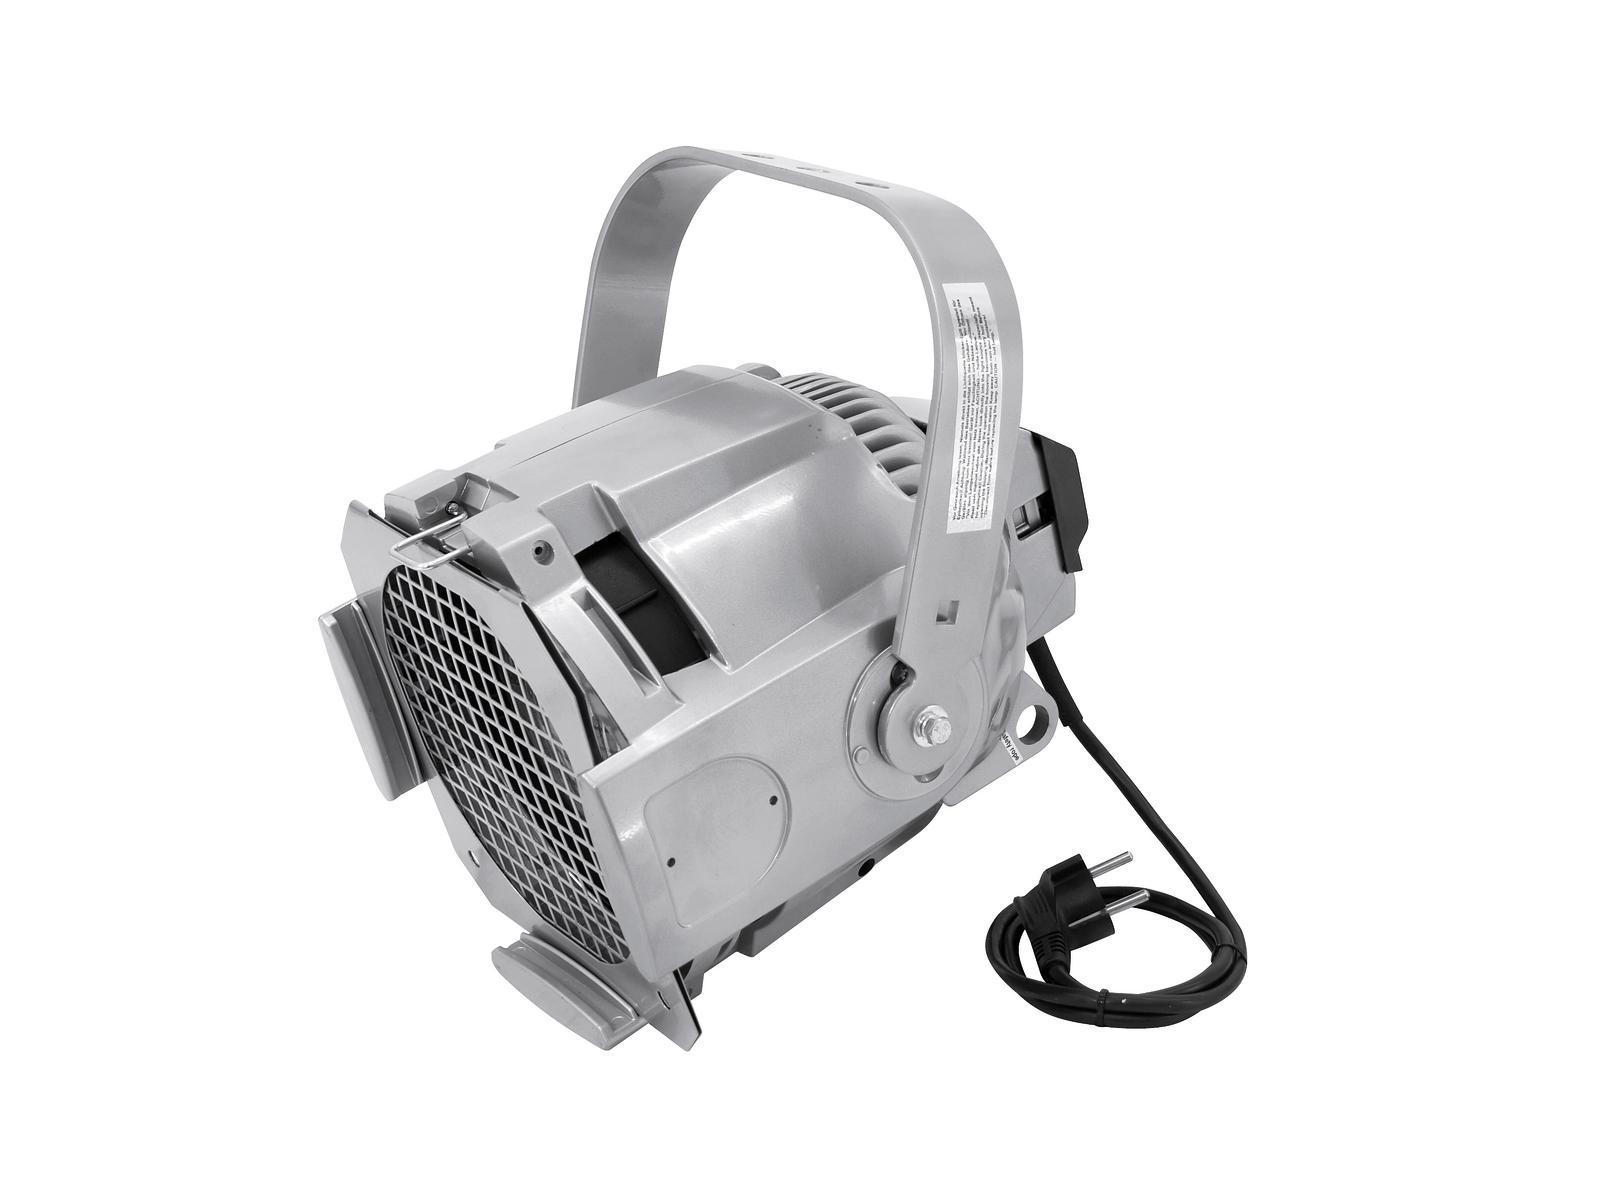 EUROLITE ML-64 PRO GKV Multi Lens Spot sil